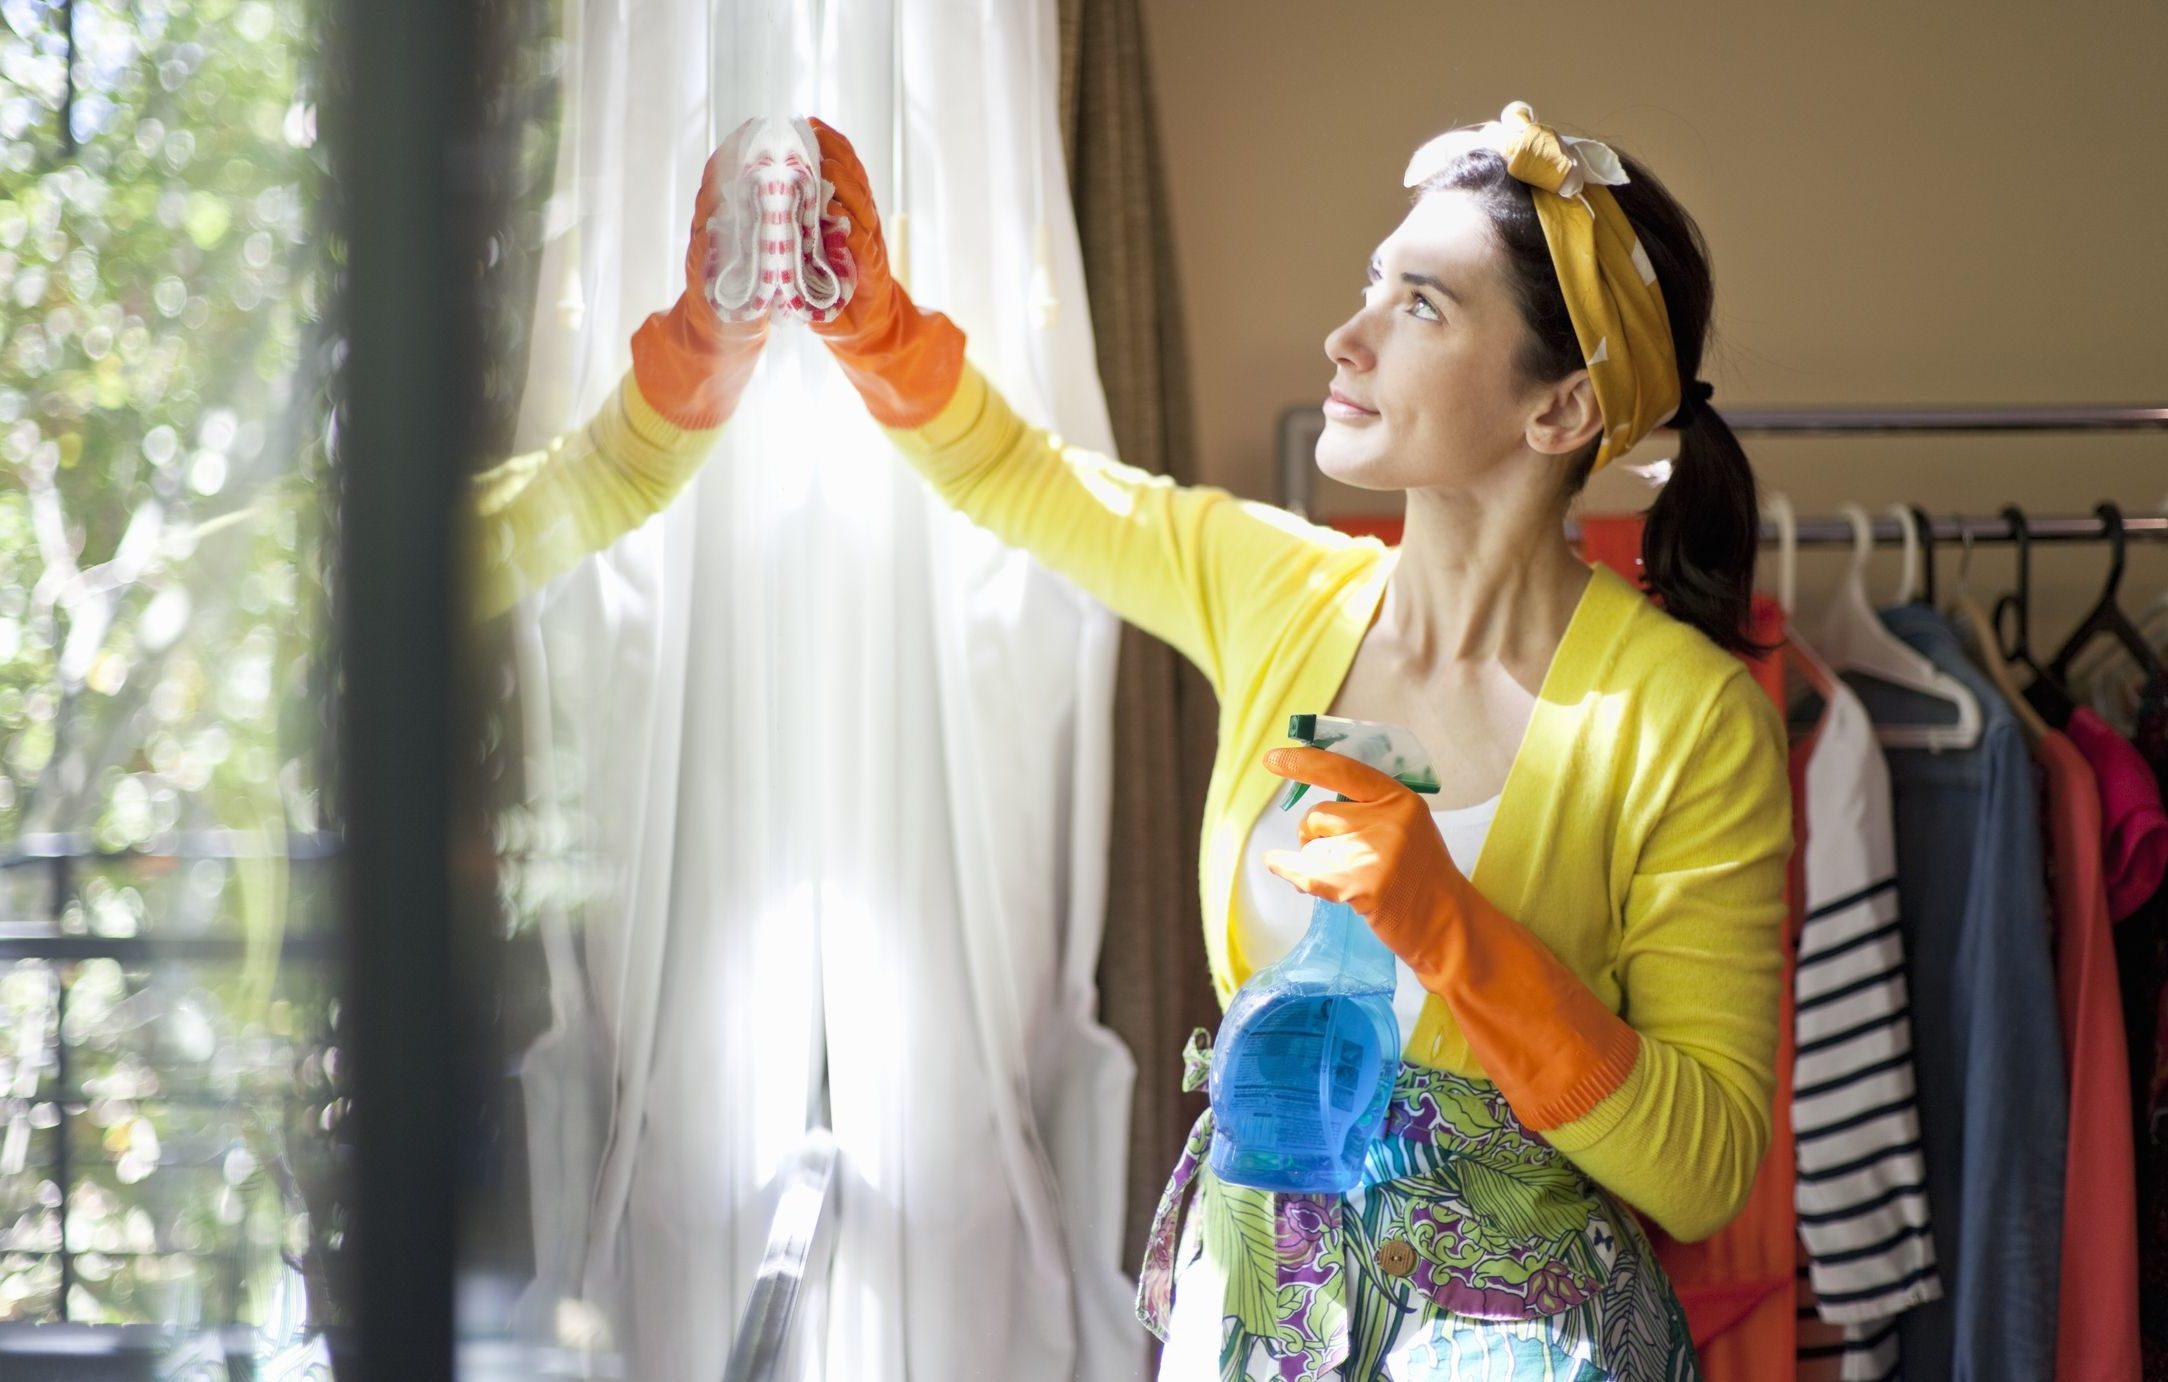 Frühjahrsputz - Fenster und Rollladen putzen, Gardinen waschen